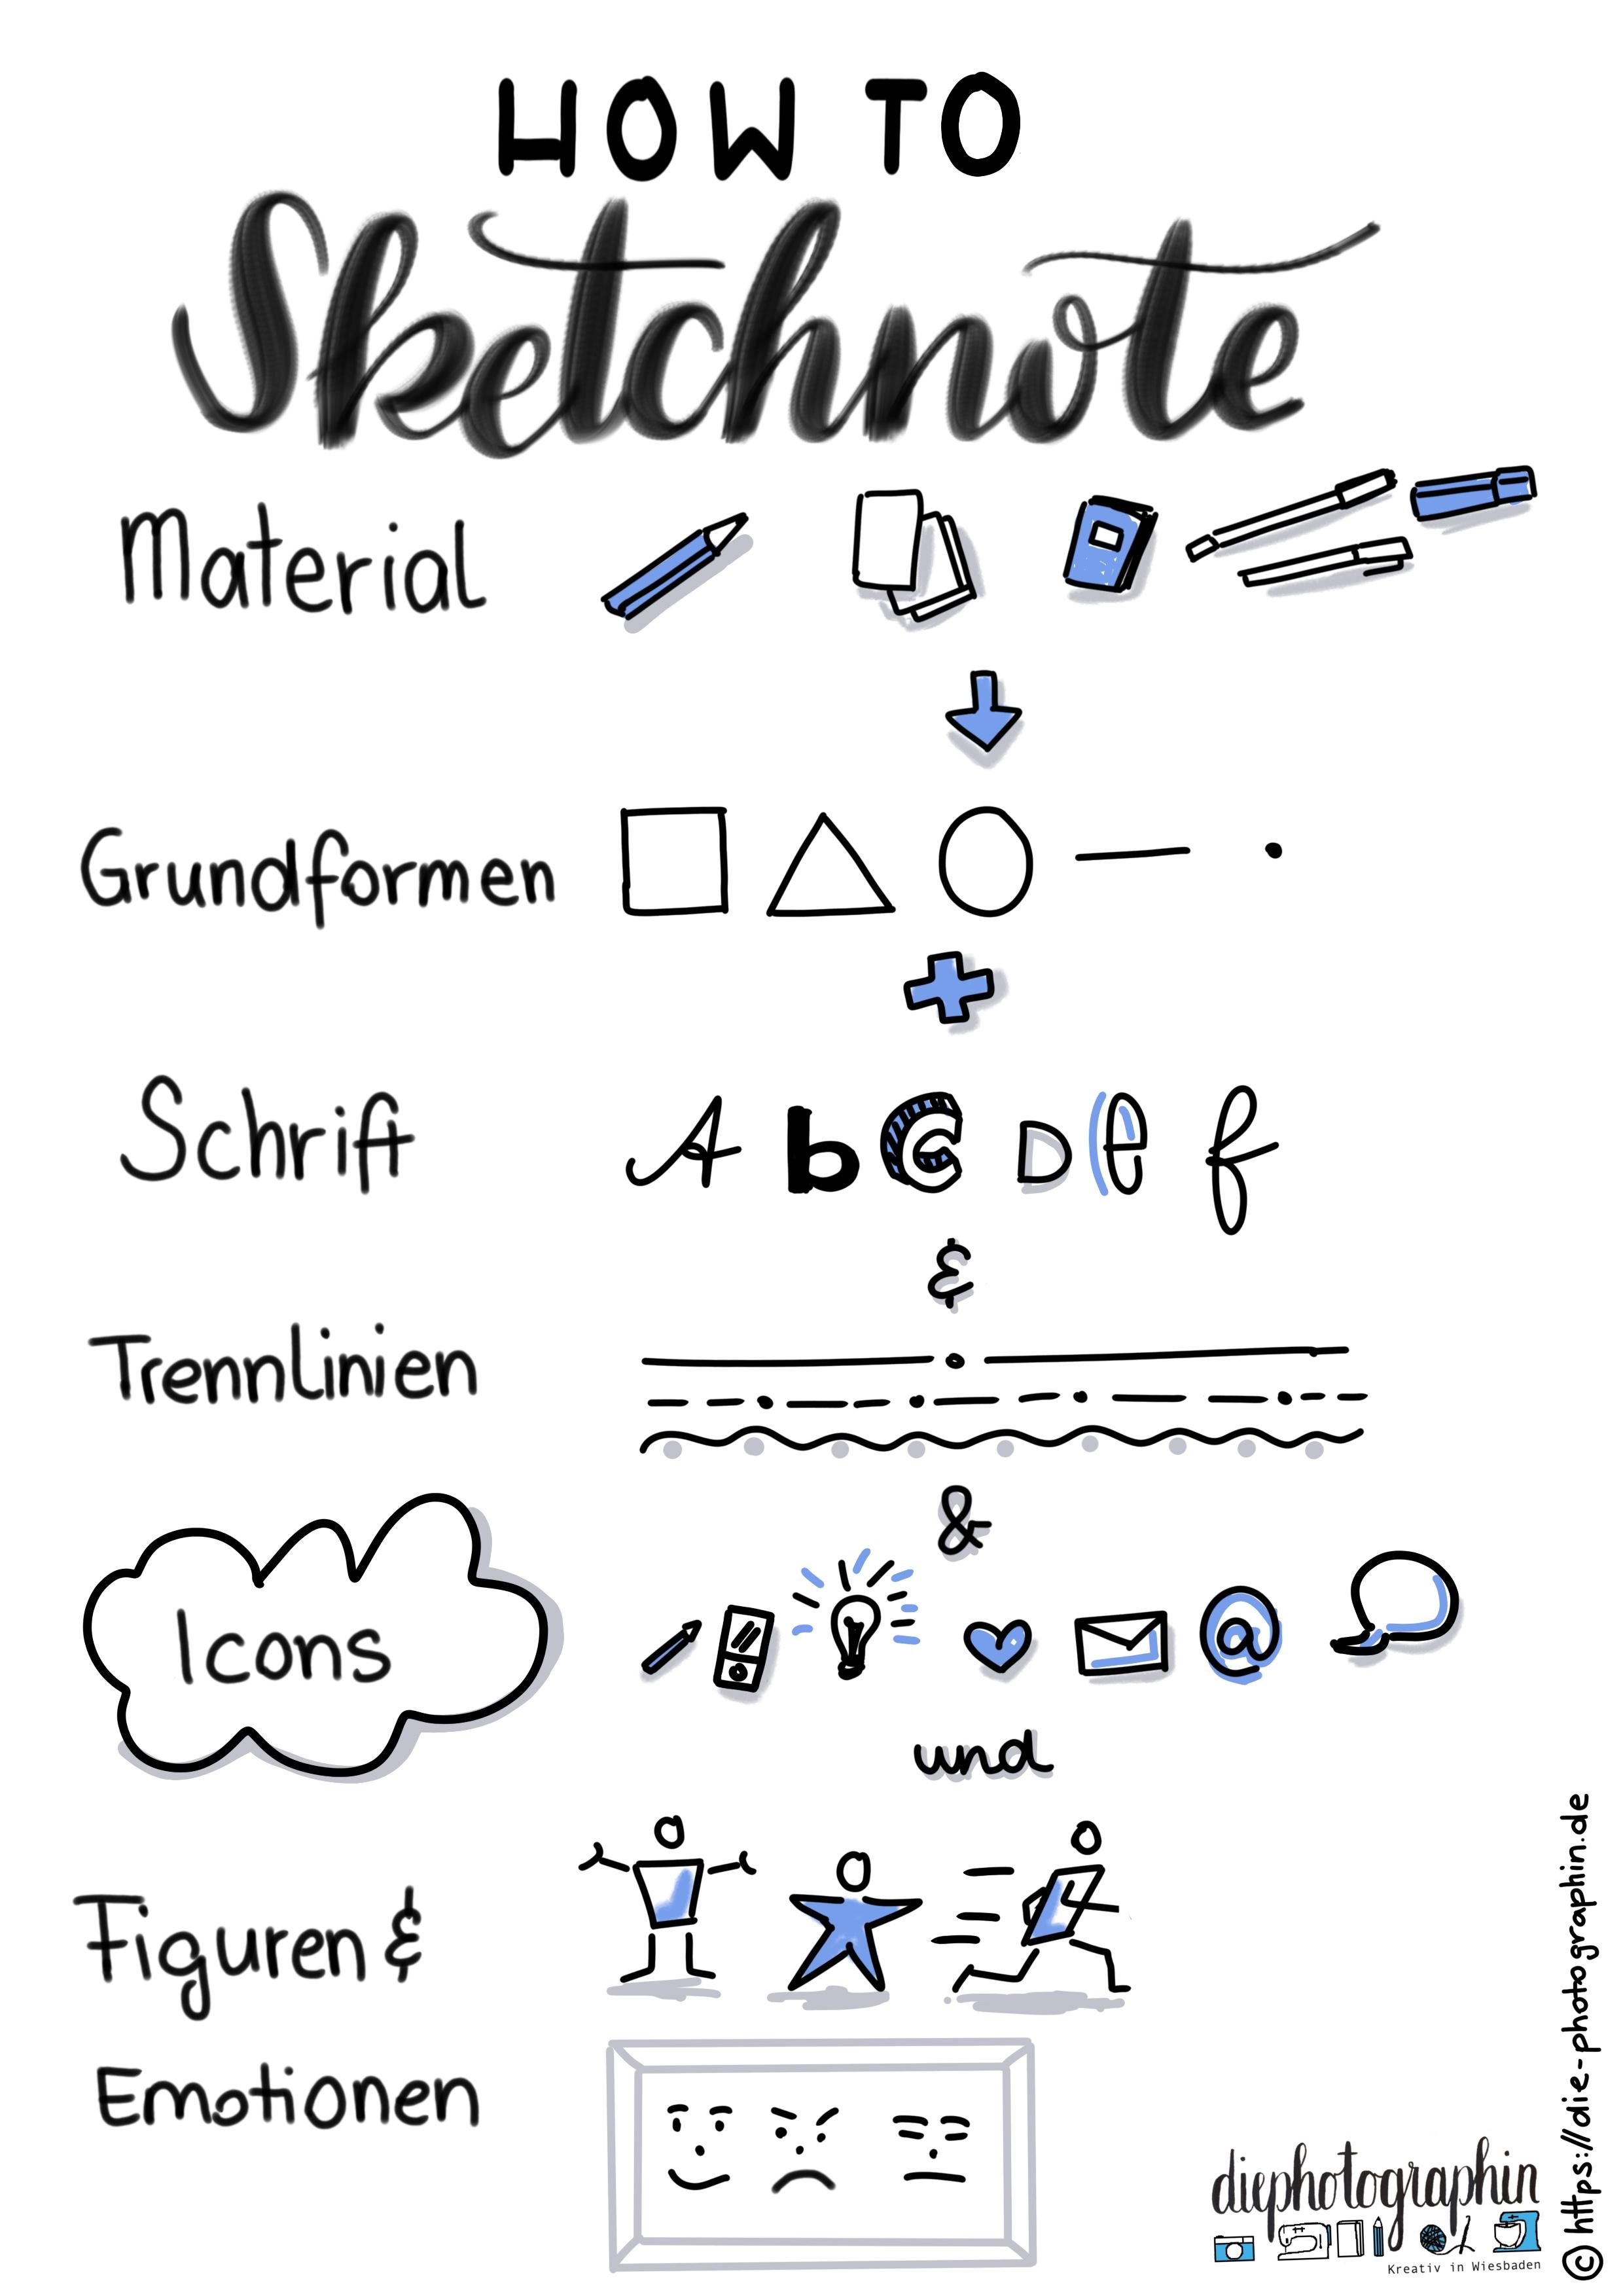 How to Sketchnote – diephotographin [Klick auf Bild öffnet das pdf]